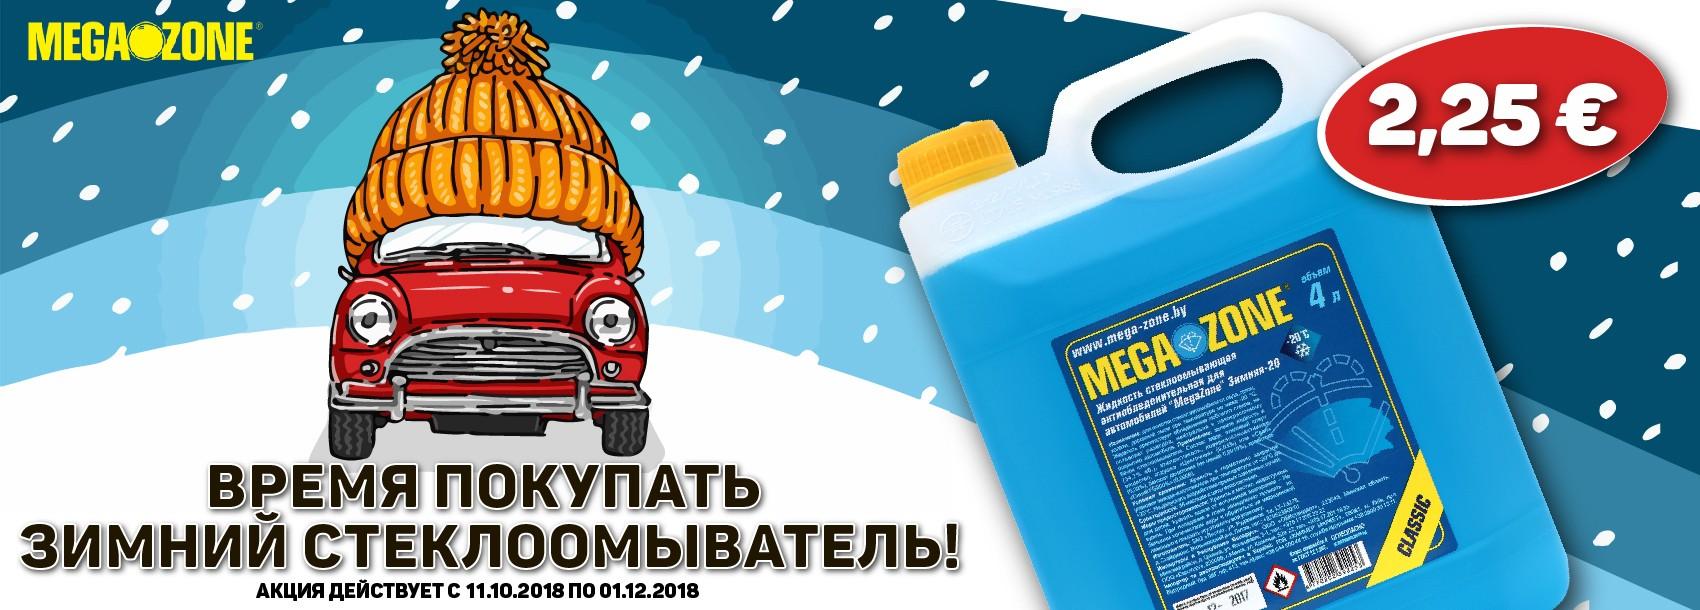 Специальная цена на зимний стеклоомыватель MegaZone Classic!